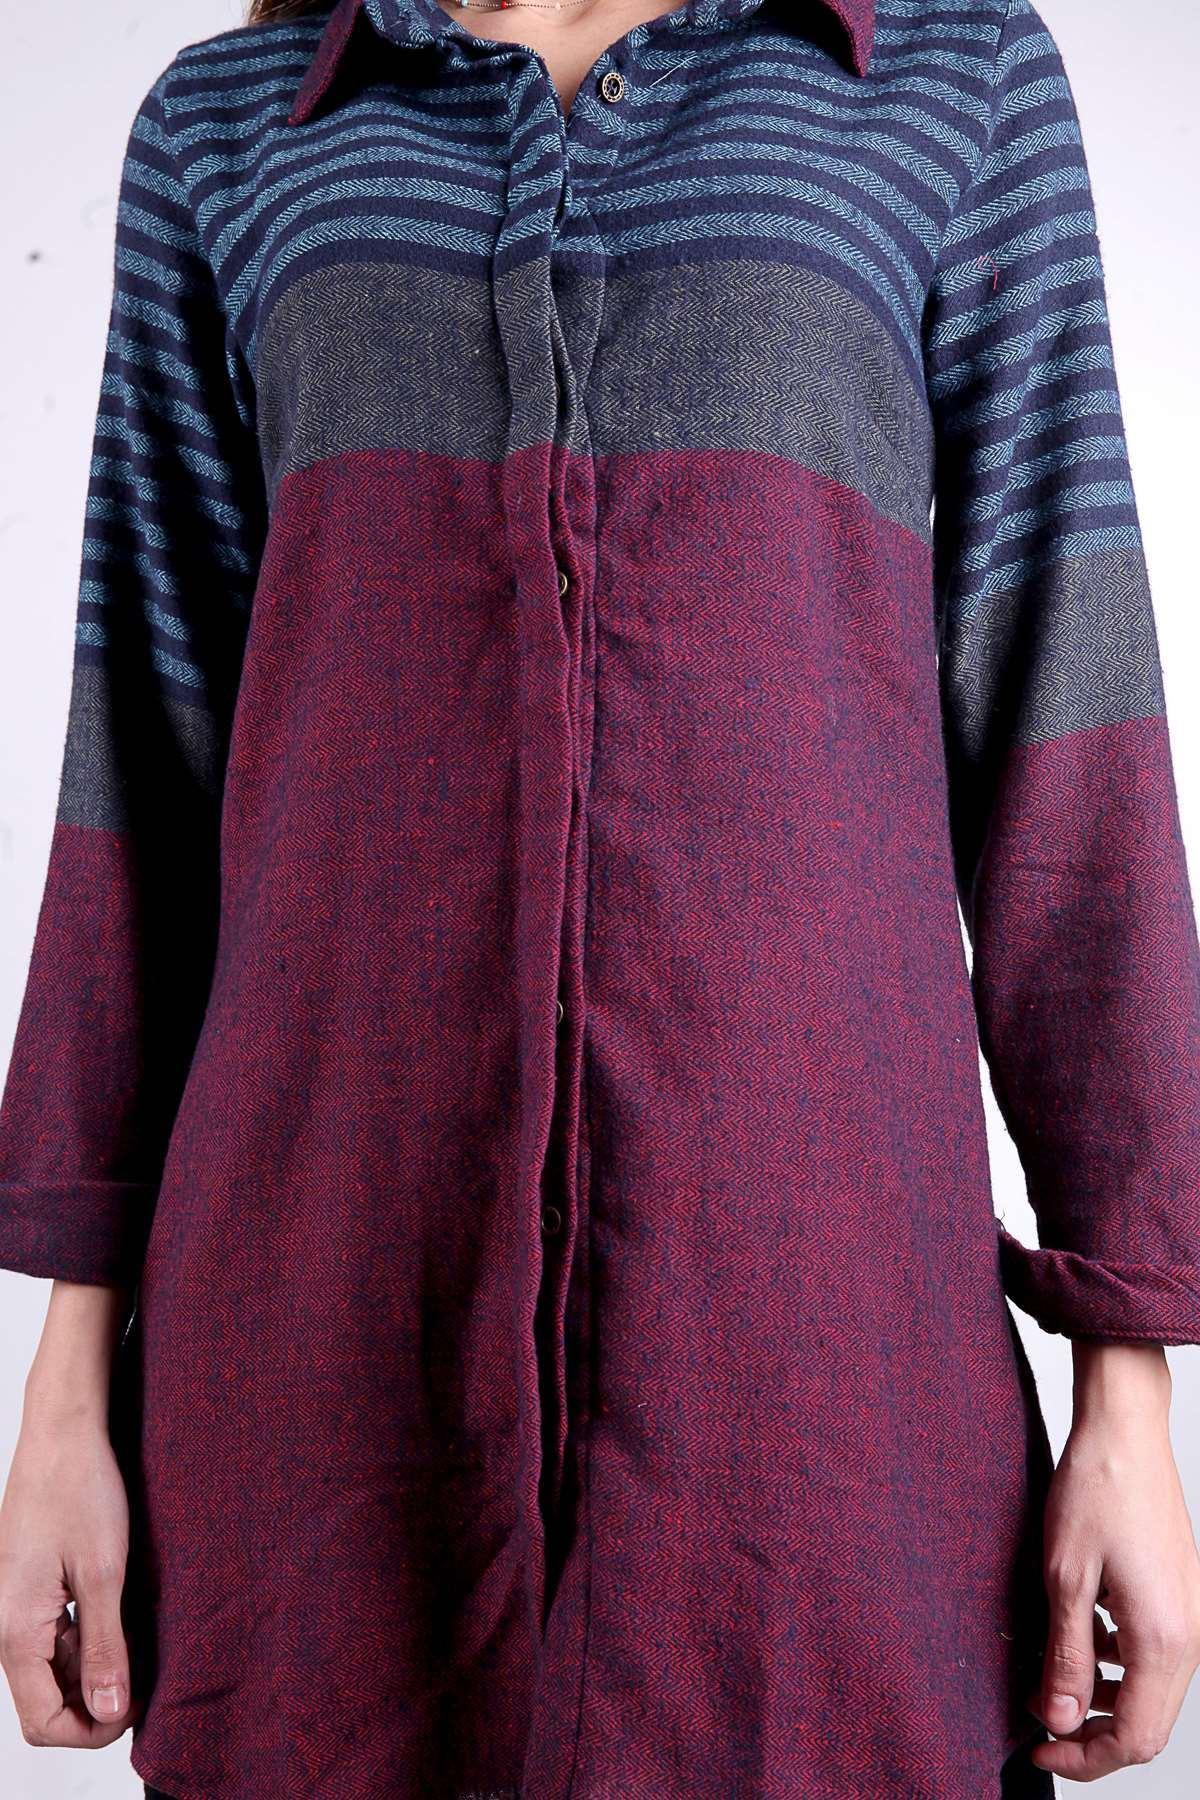 Yün İpli Balık Sırtı Model Enine Çizgili Gömlek Bordo